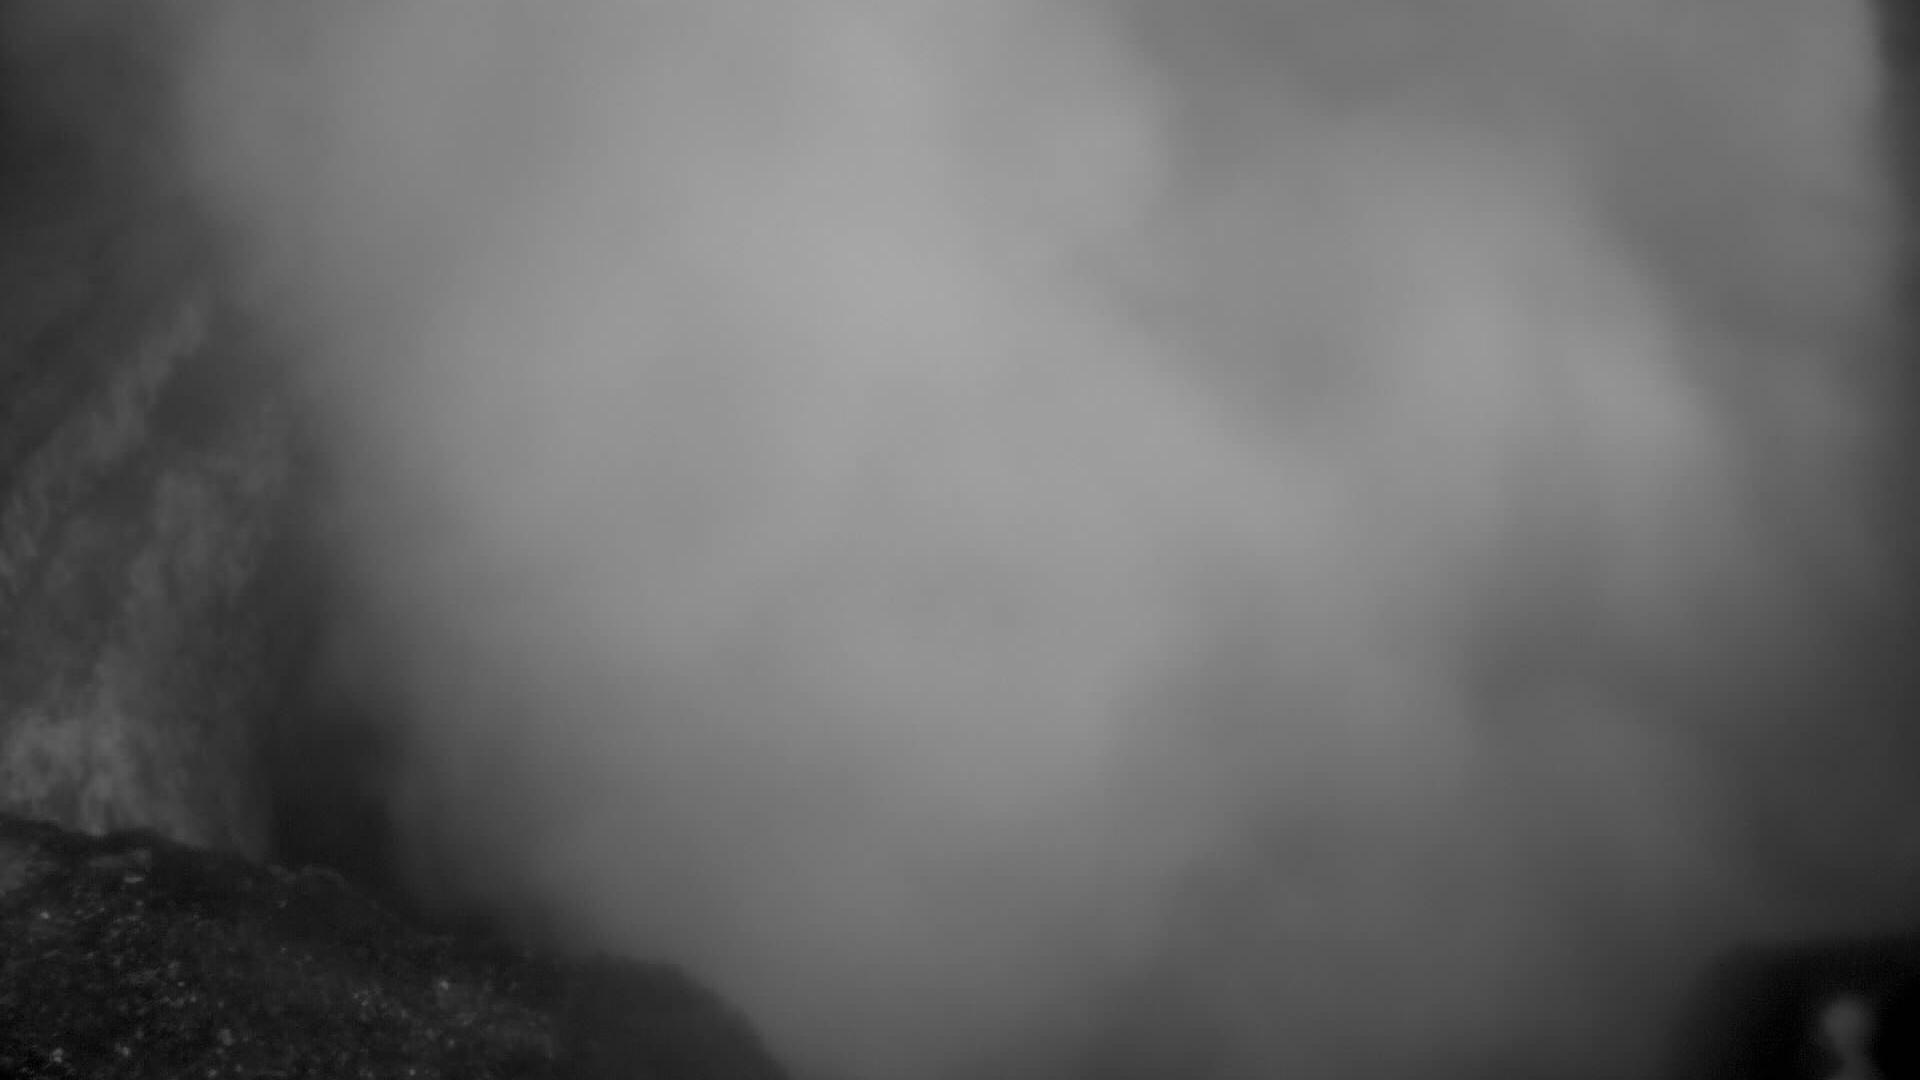 Webcam Volcano Village: Kīlauea volcano, Halemaʻumaʻu ove